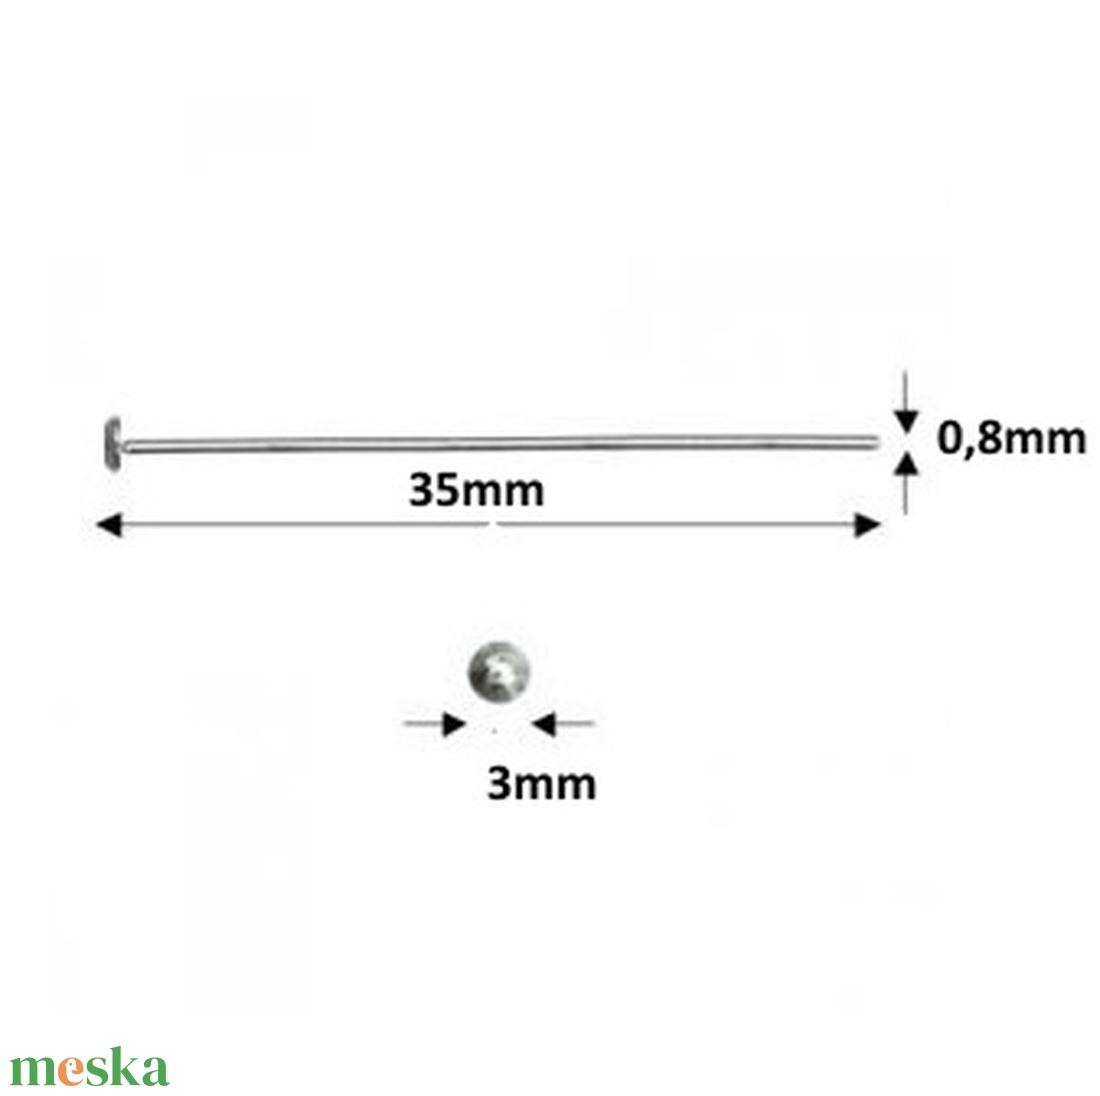 925-ös sterling ezüst ékszerkellék: szerelőpálca szög végű 35  x 0,8mm-es  - gyöngy, ékszerkellék - egyéb alkatrész - Meska.hu